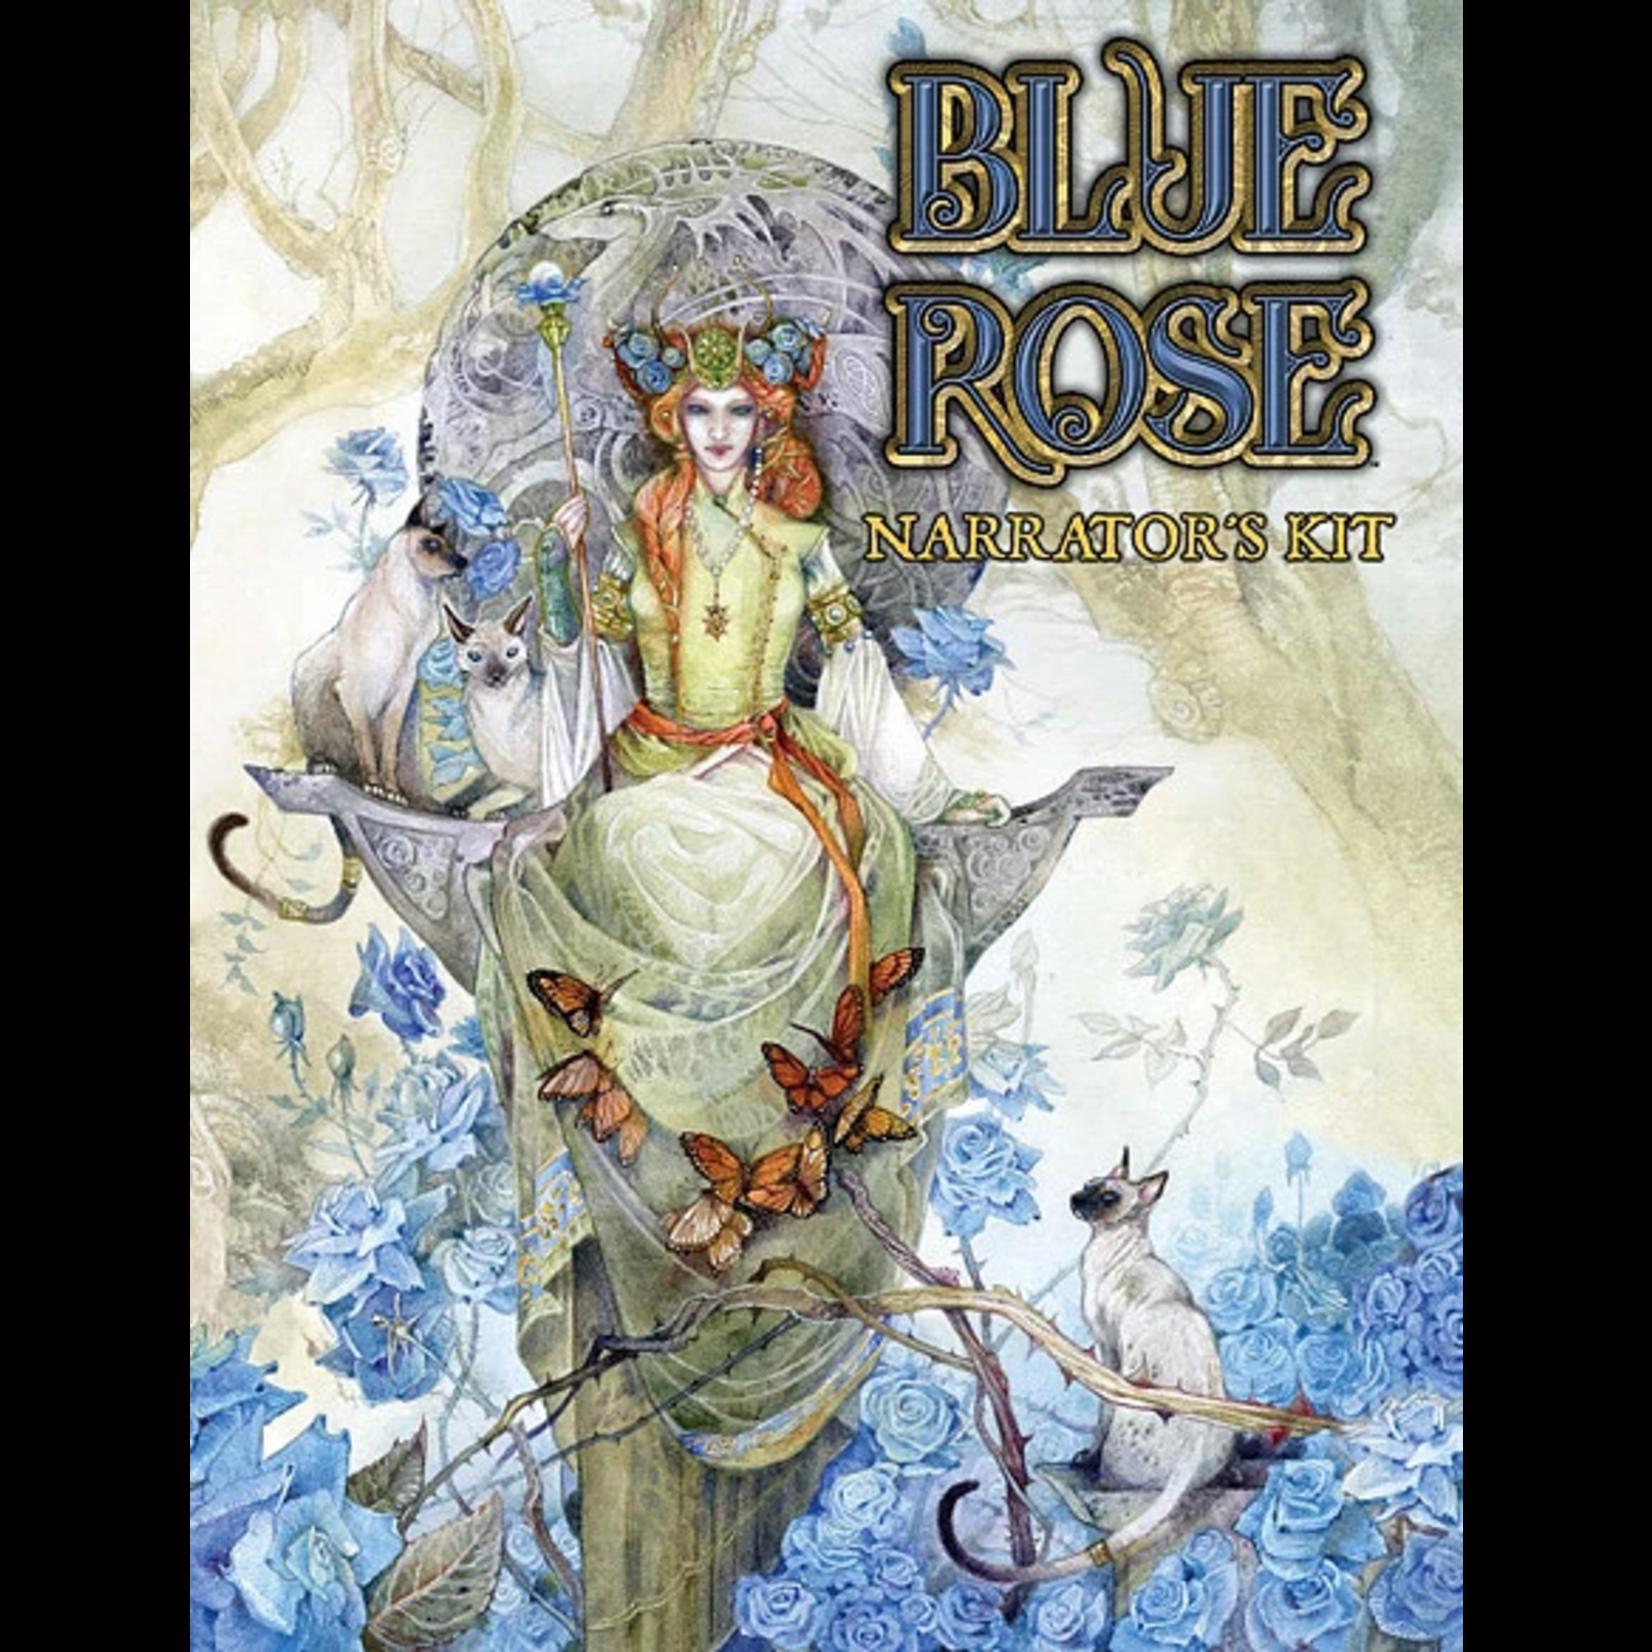 Green Ronin Blue Rose RPG: Narrator's Kit